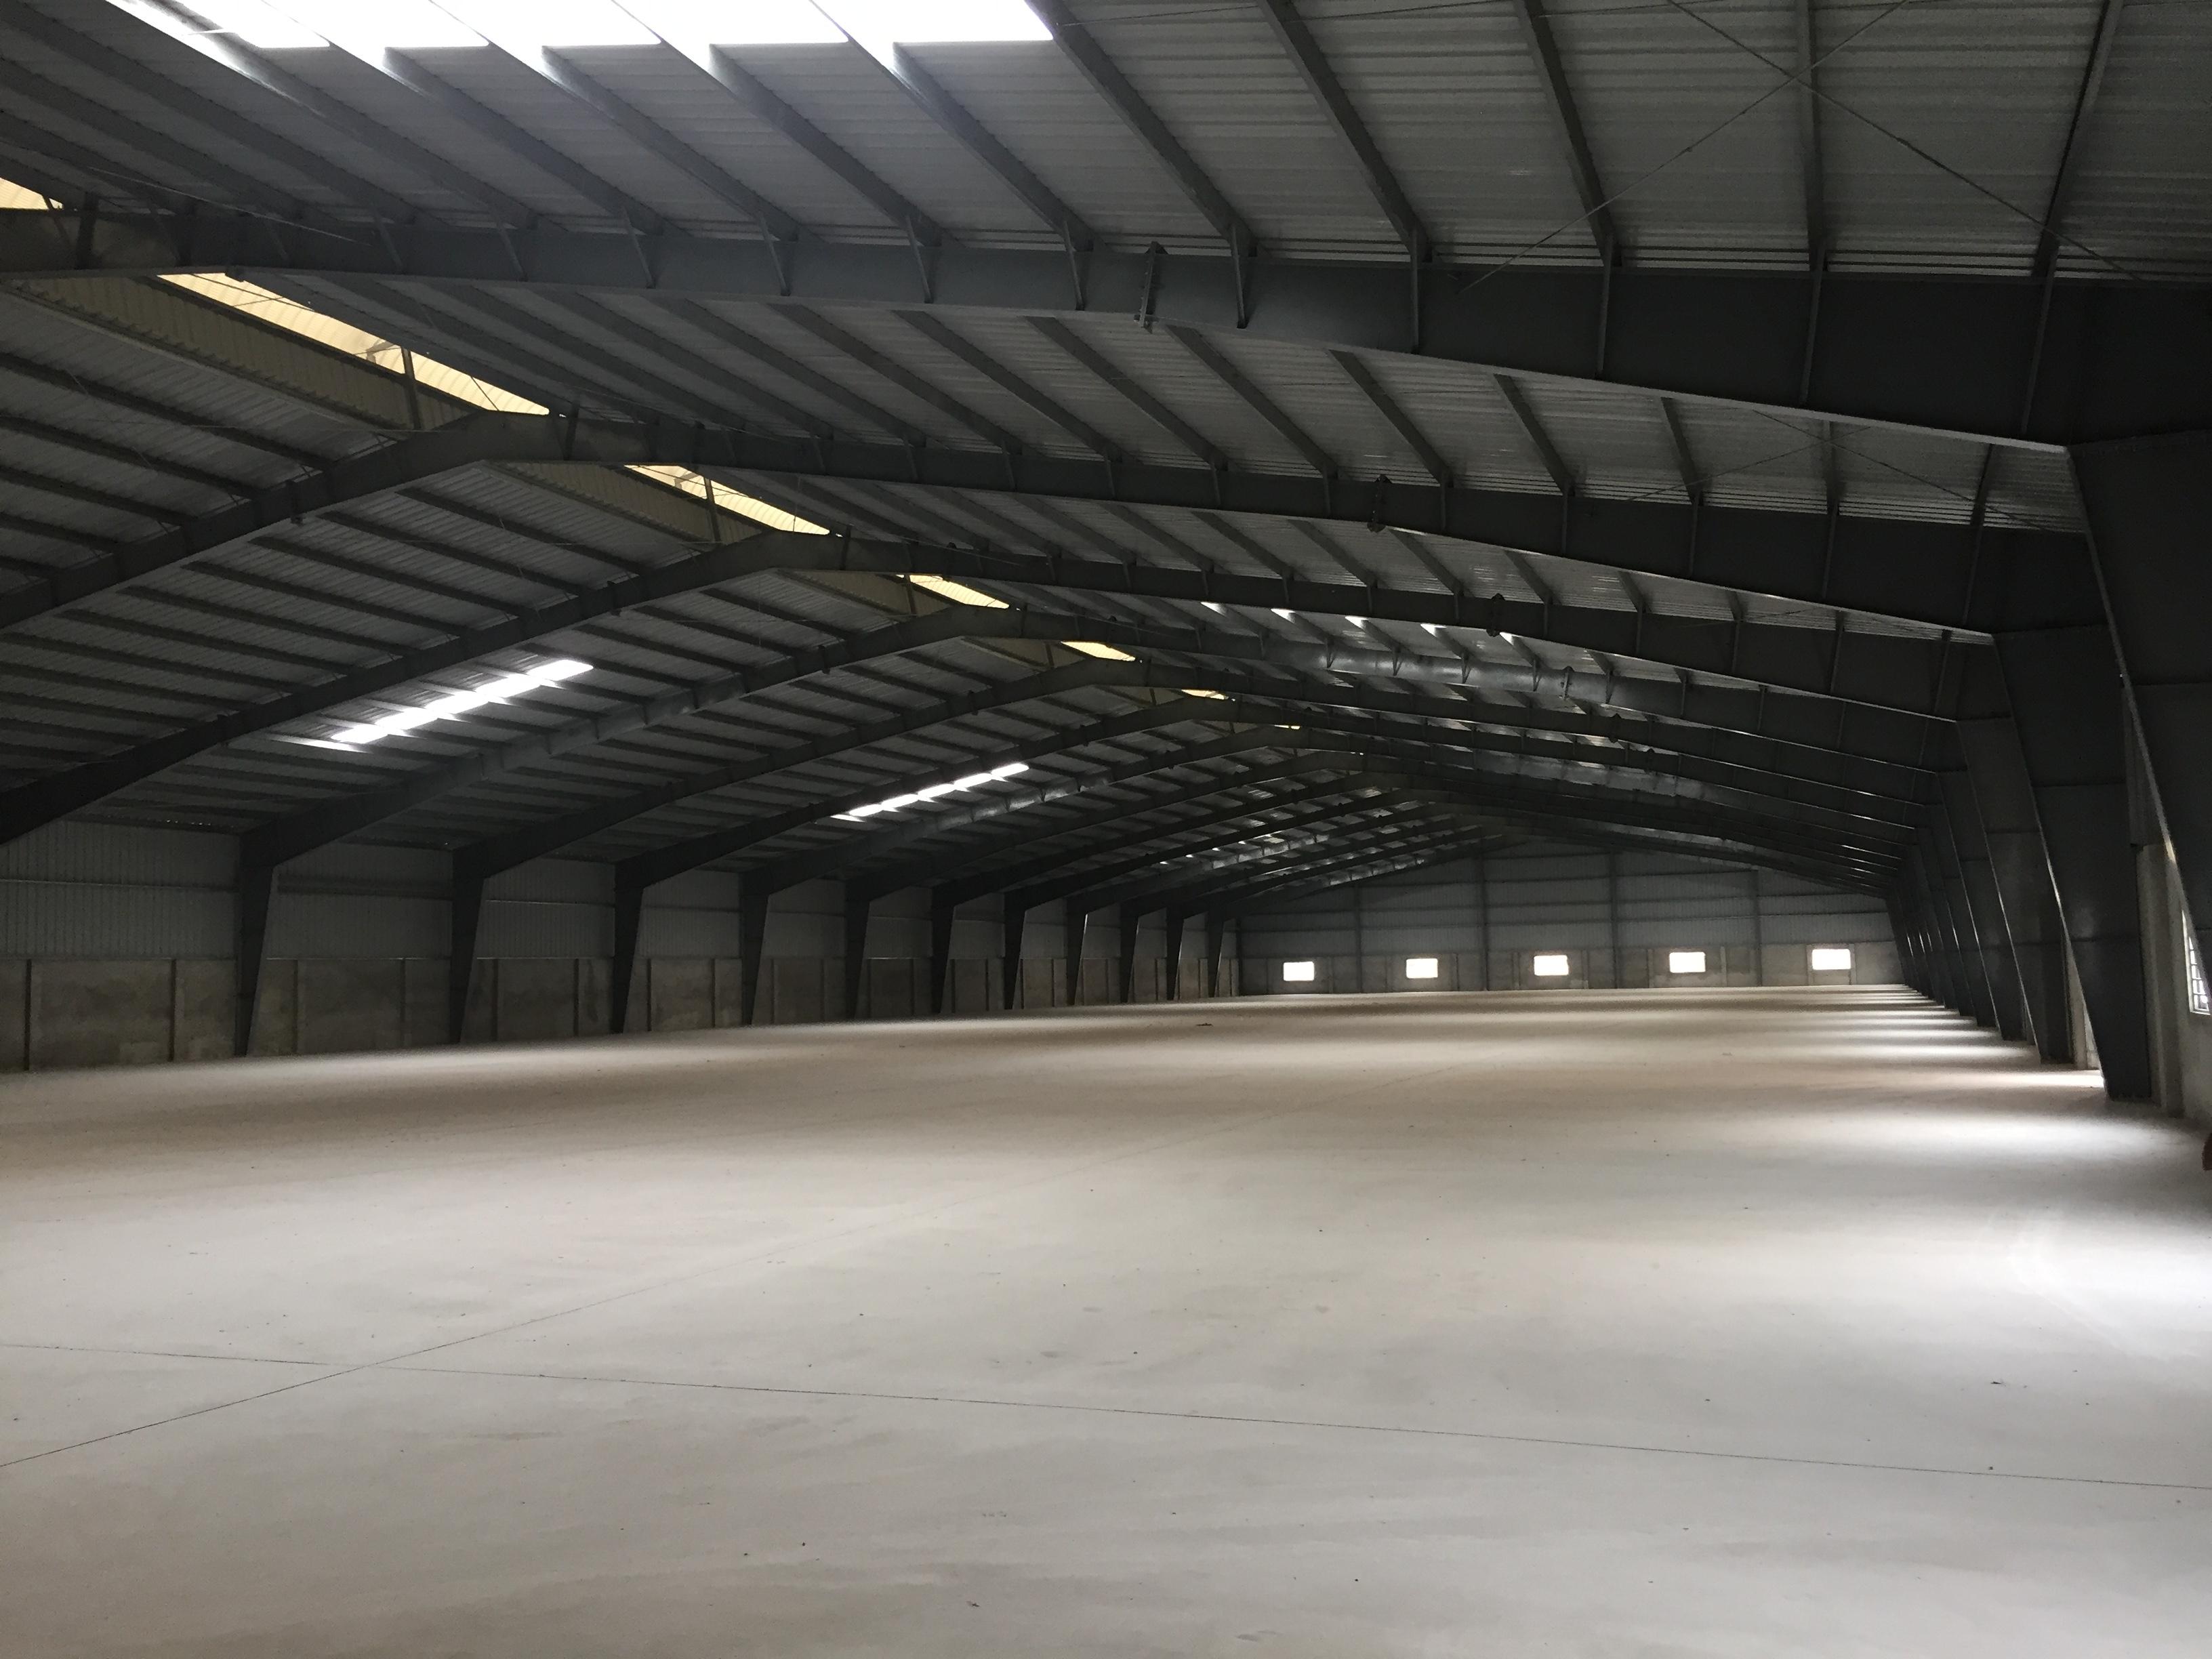 Cho Thuê Nhà Xưởng tại Phú Thọ CCN Bạch Hạc 3.318 m2